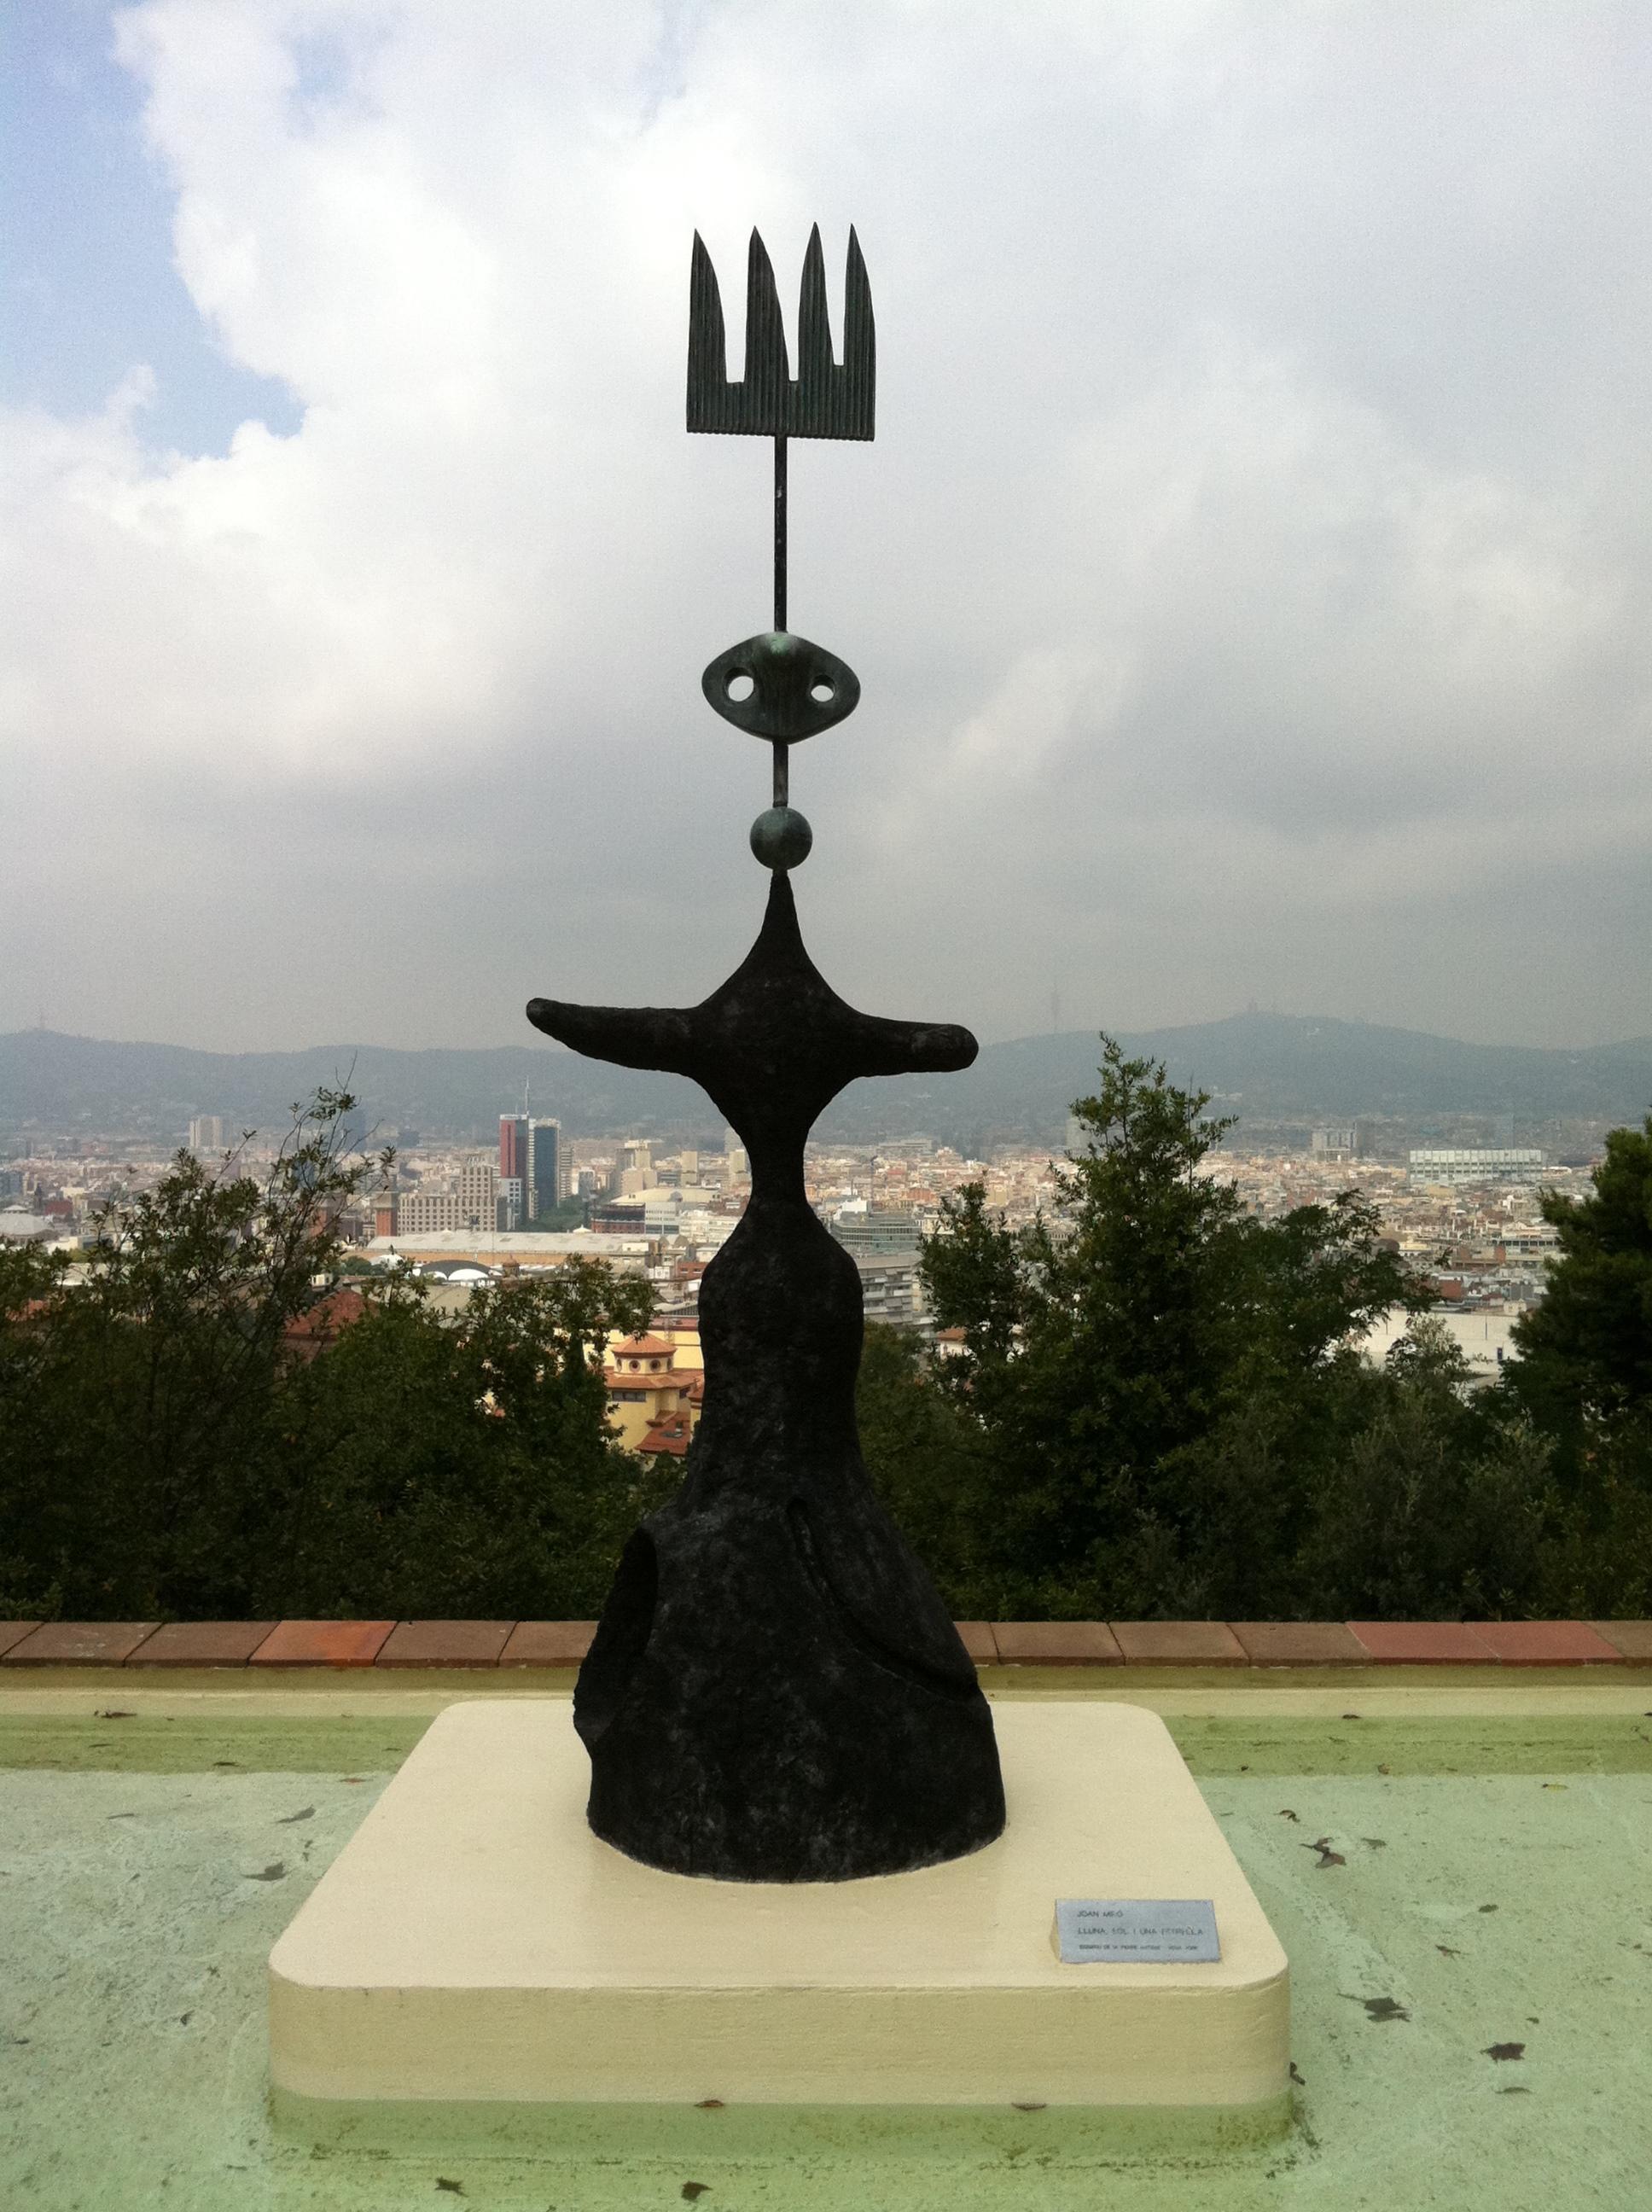 File:Fundació Joan Miró - Lluna, sol i una estrella.jpg - Wikimedia Commons